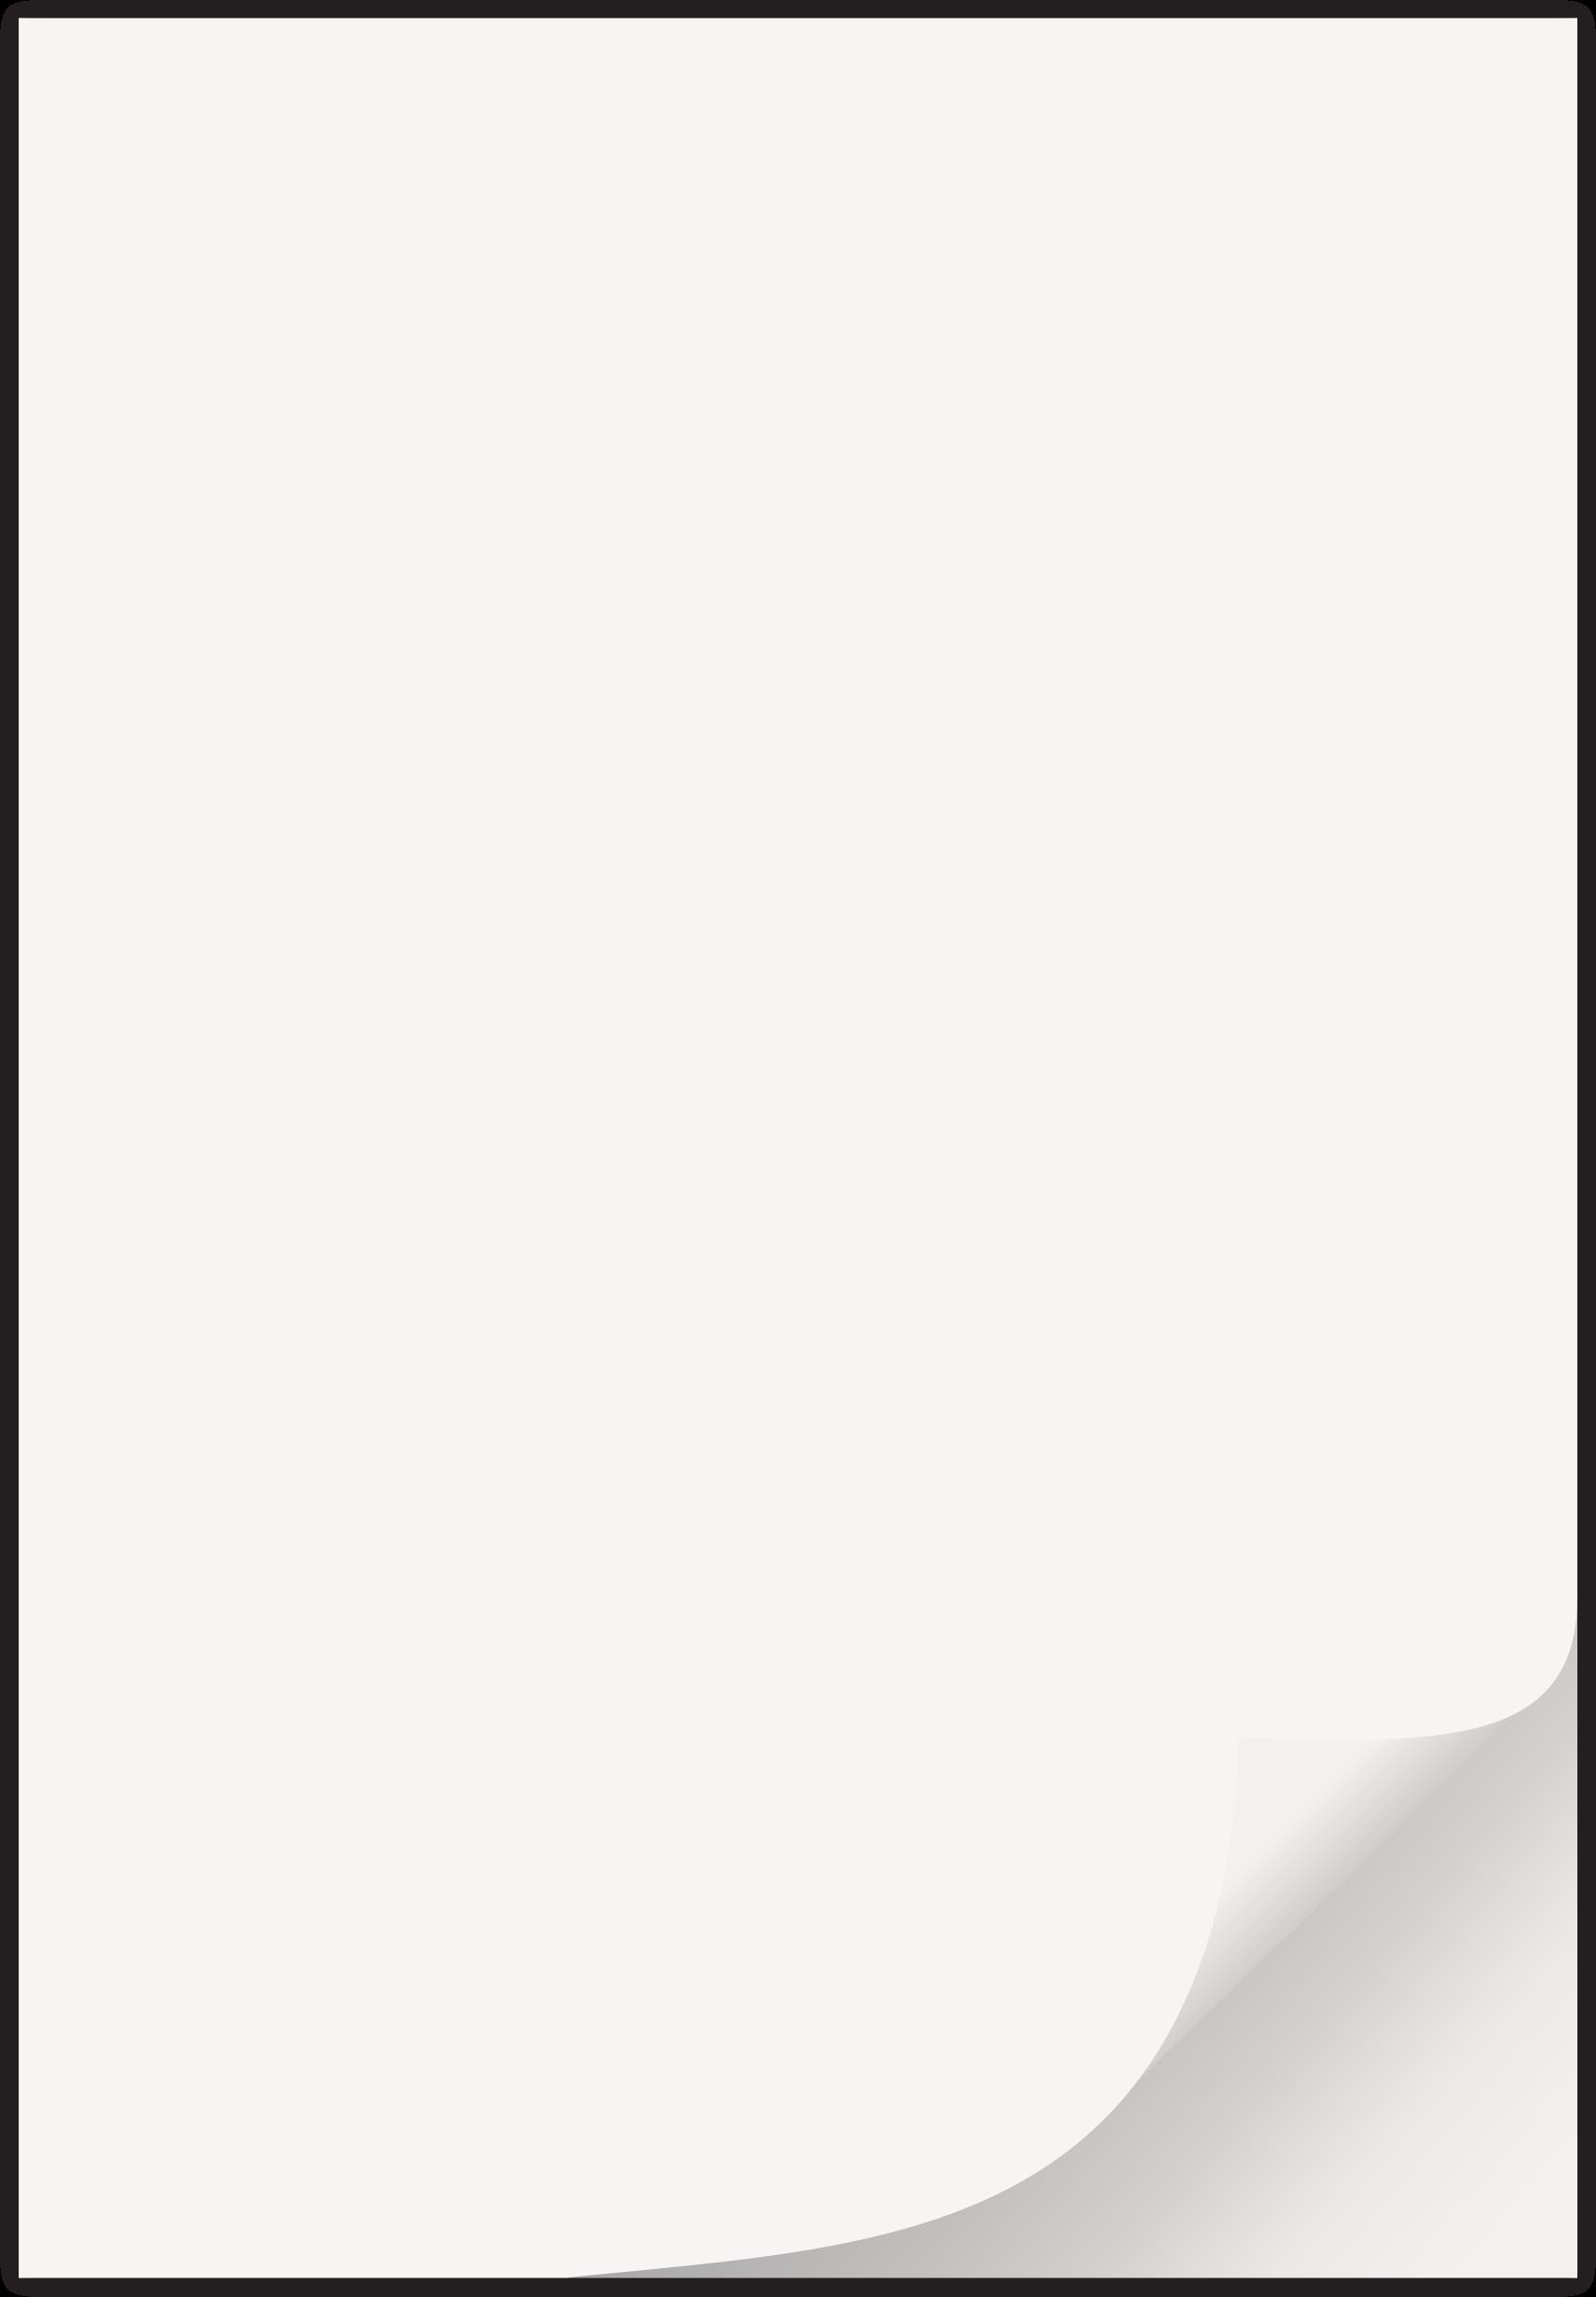 Как сделать белую картинку 885